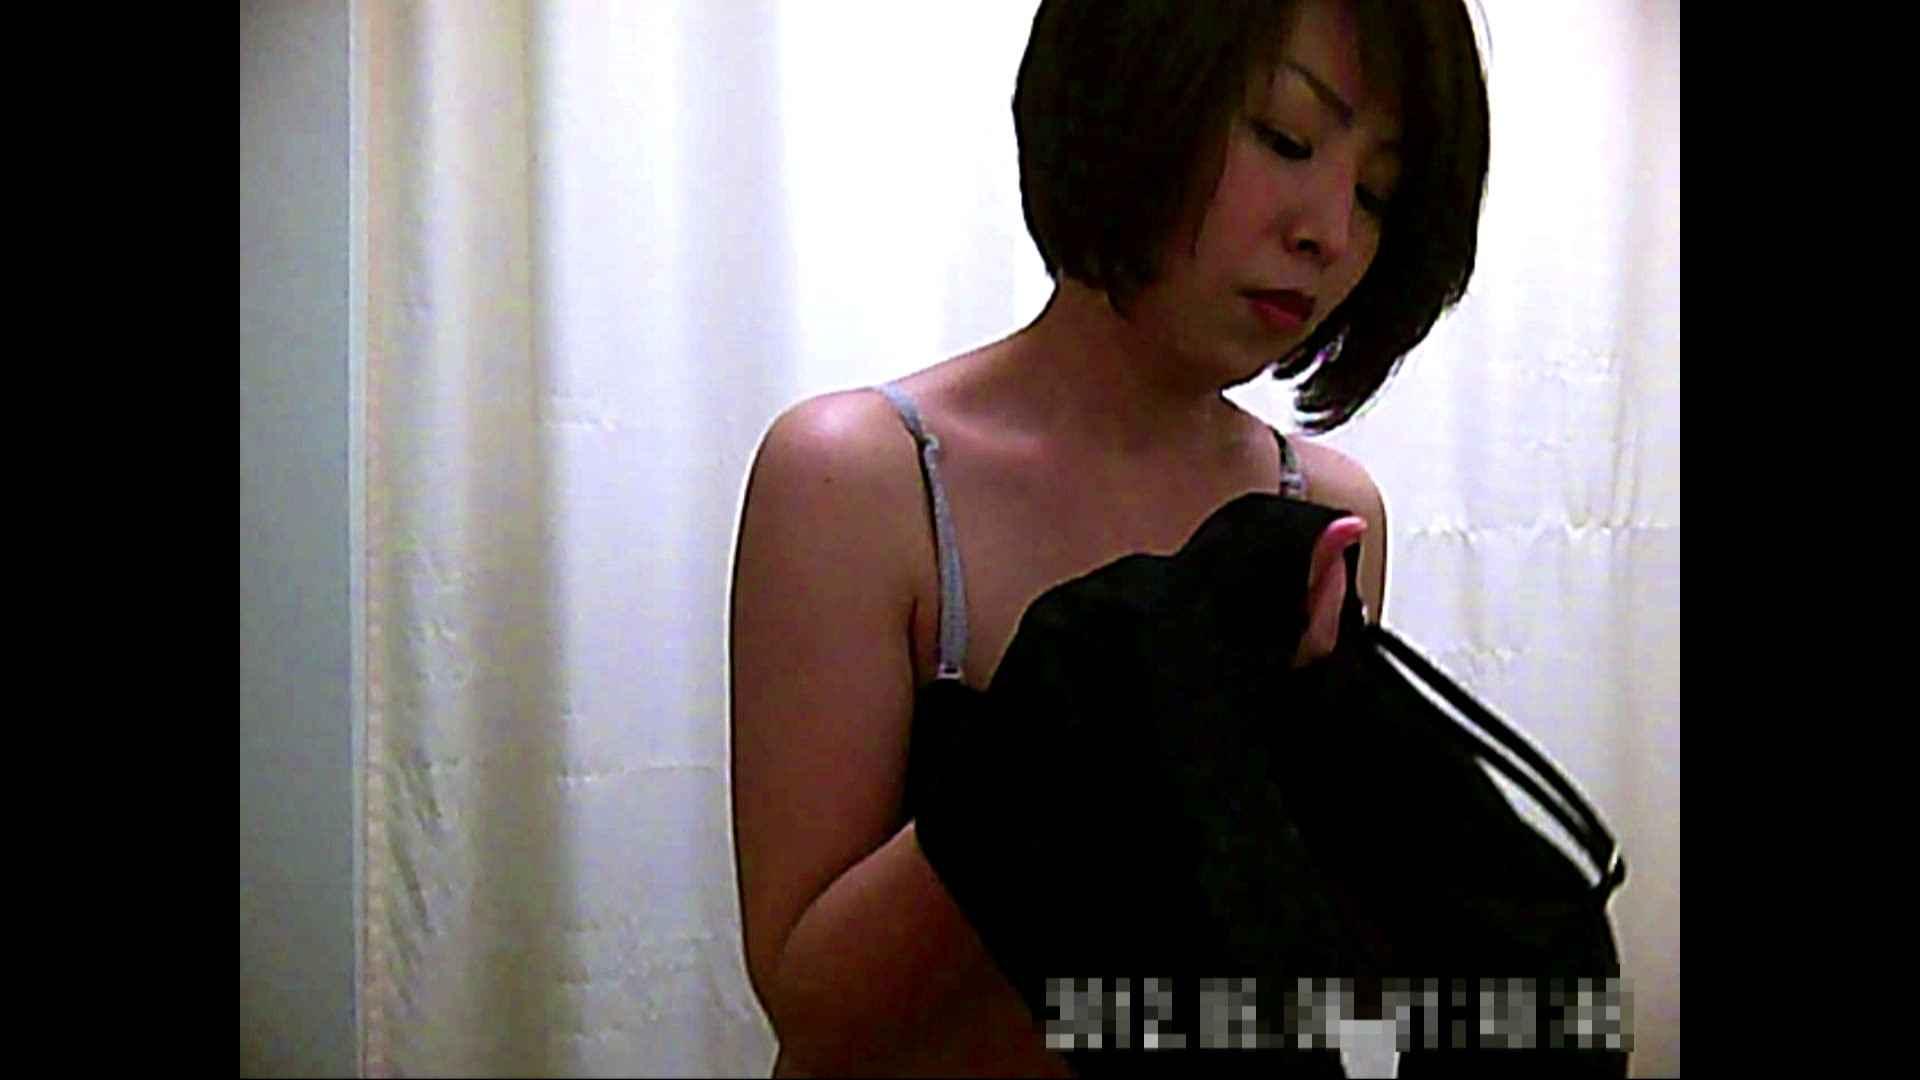 元医者による反抗 更衣室地獄絵巻 vol.002 お姉さんのSEX アダルト動画キャプチャ 109枚 41